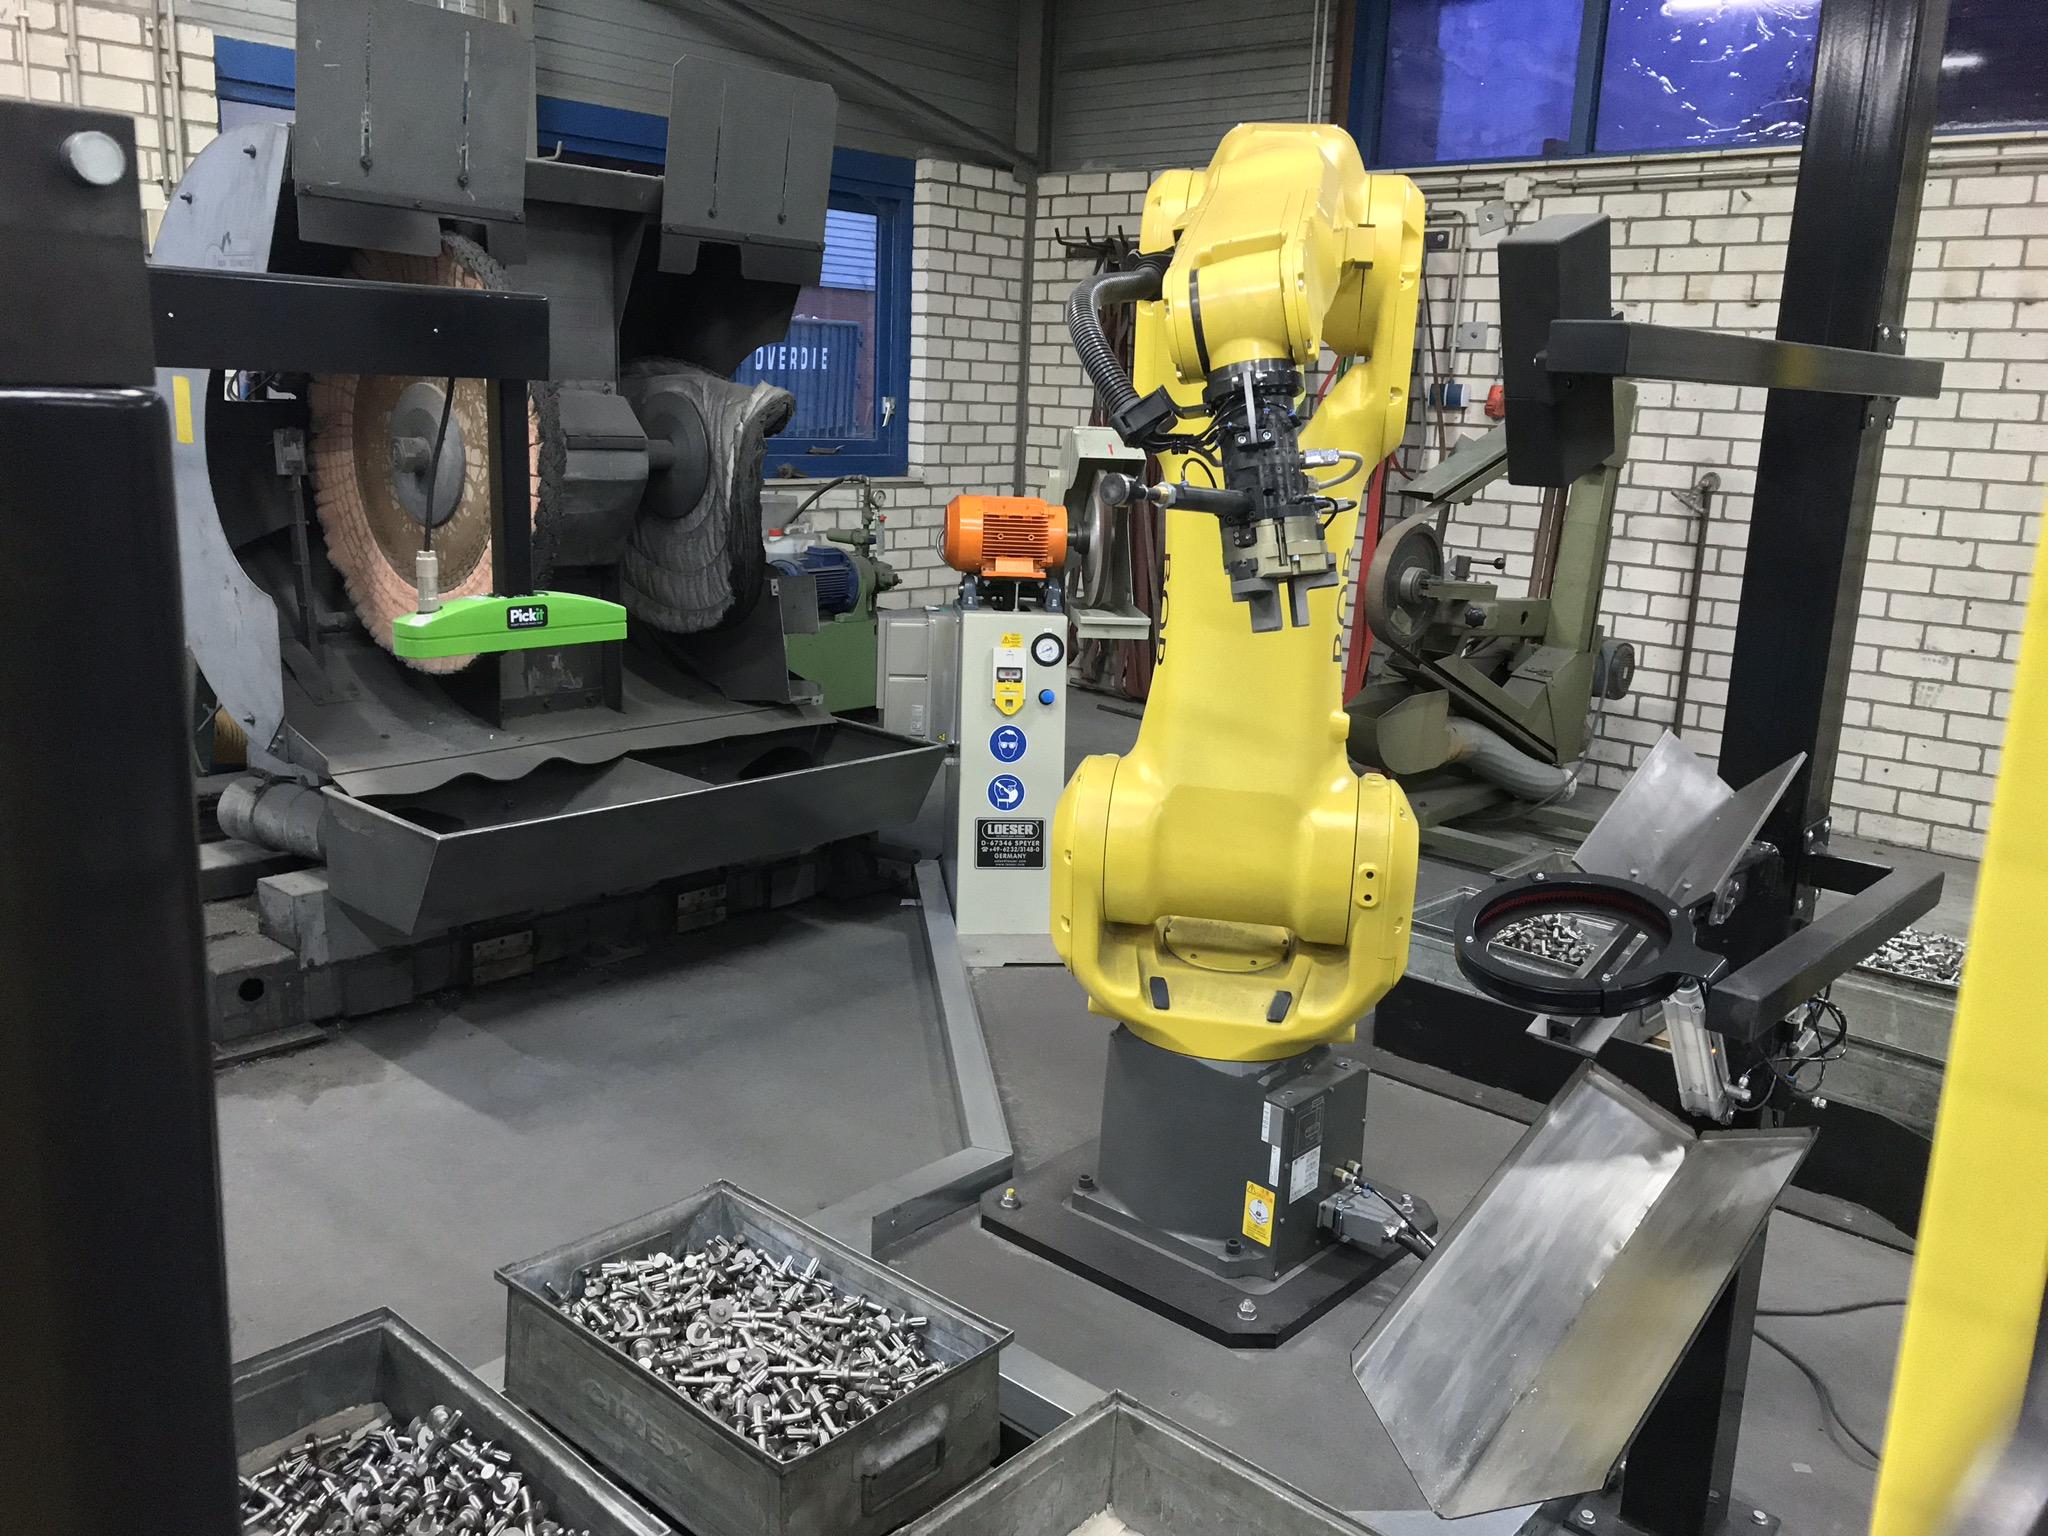 Geautomatiseerd Robot slijpen en polijsten